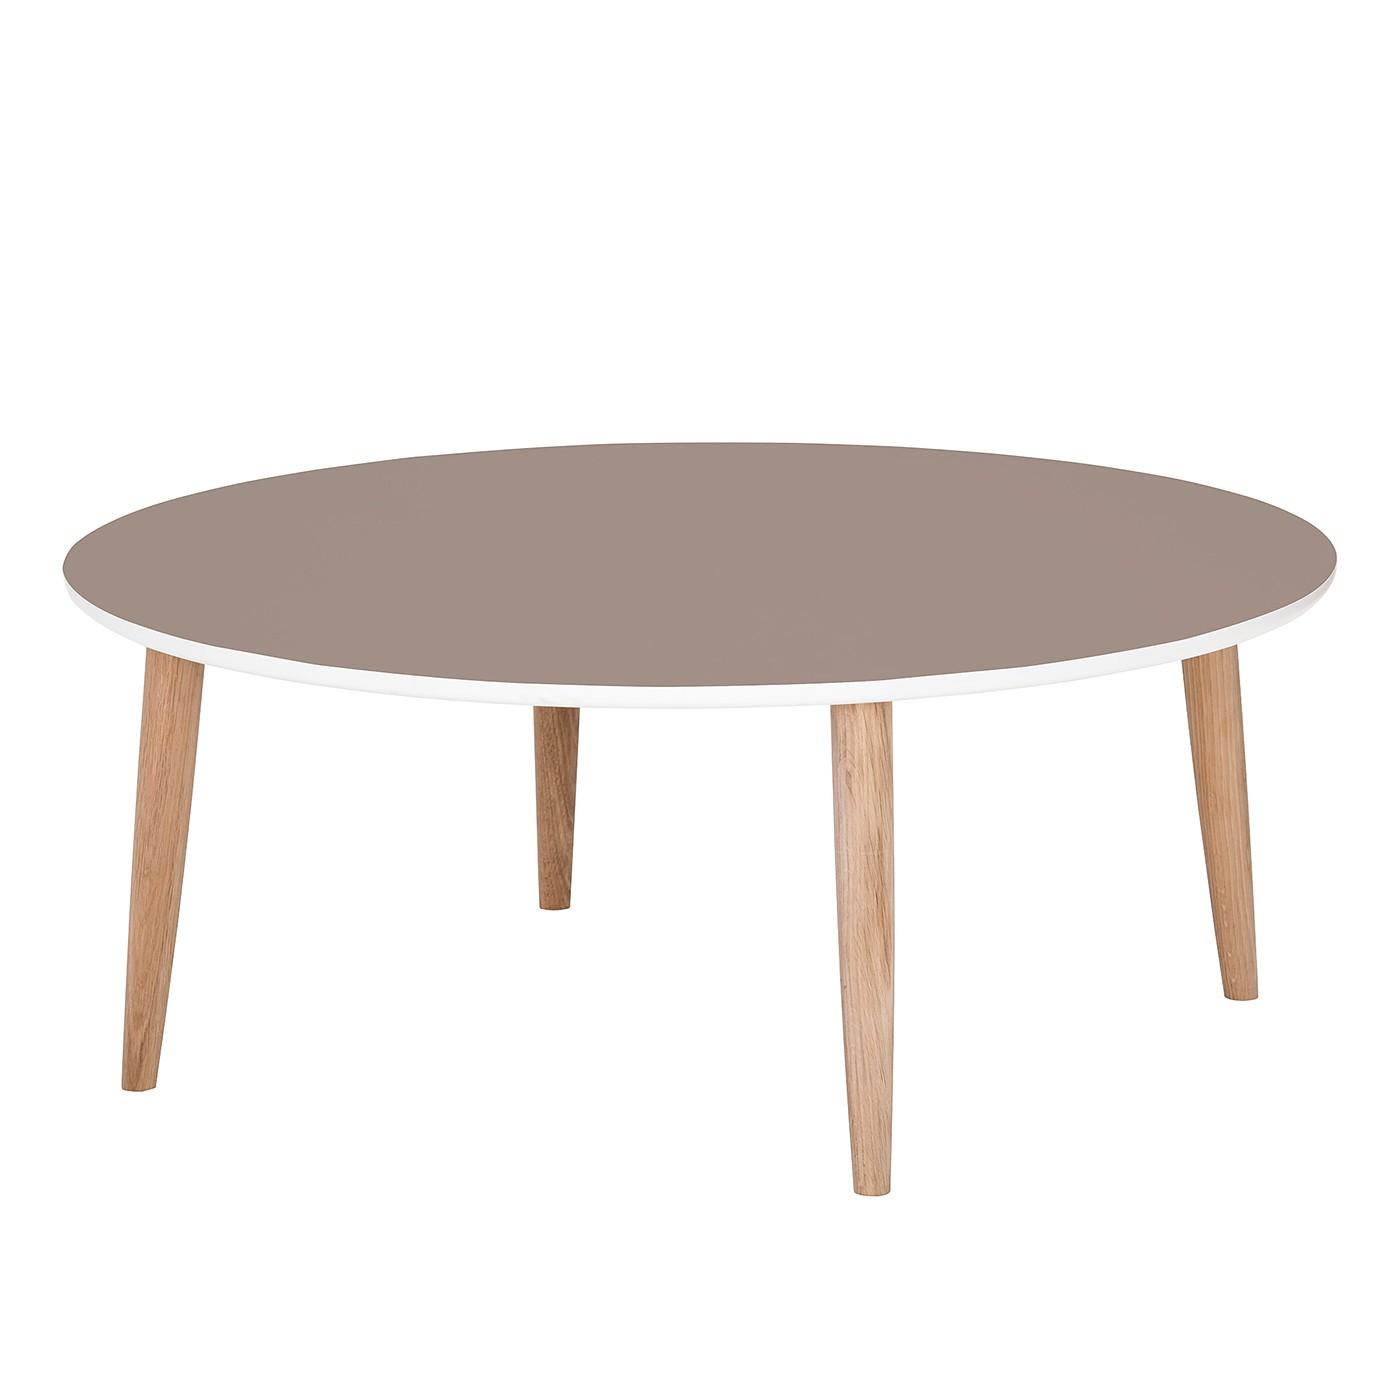 Couchtisch Beine Eiche Wir Bieten Ihnen Schnen Tisch An Die Sind Eine Grosse